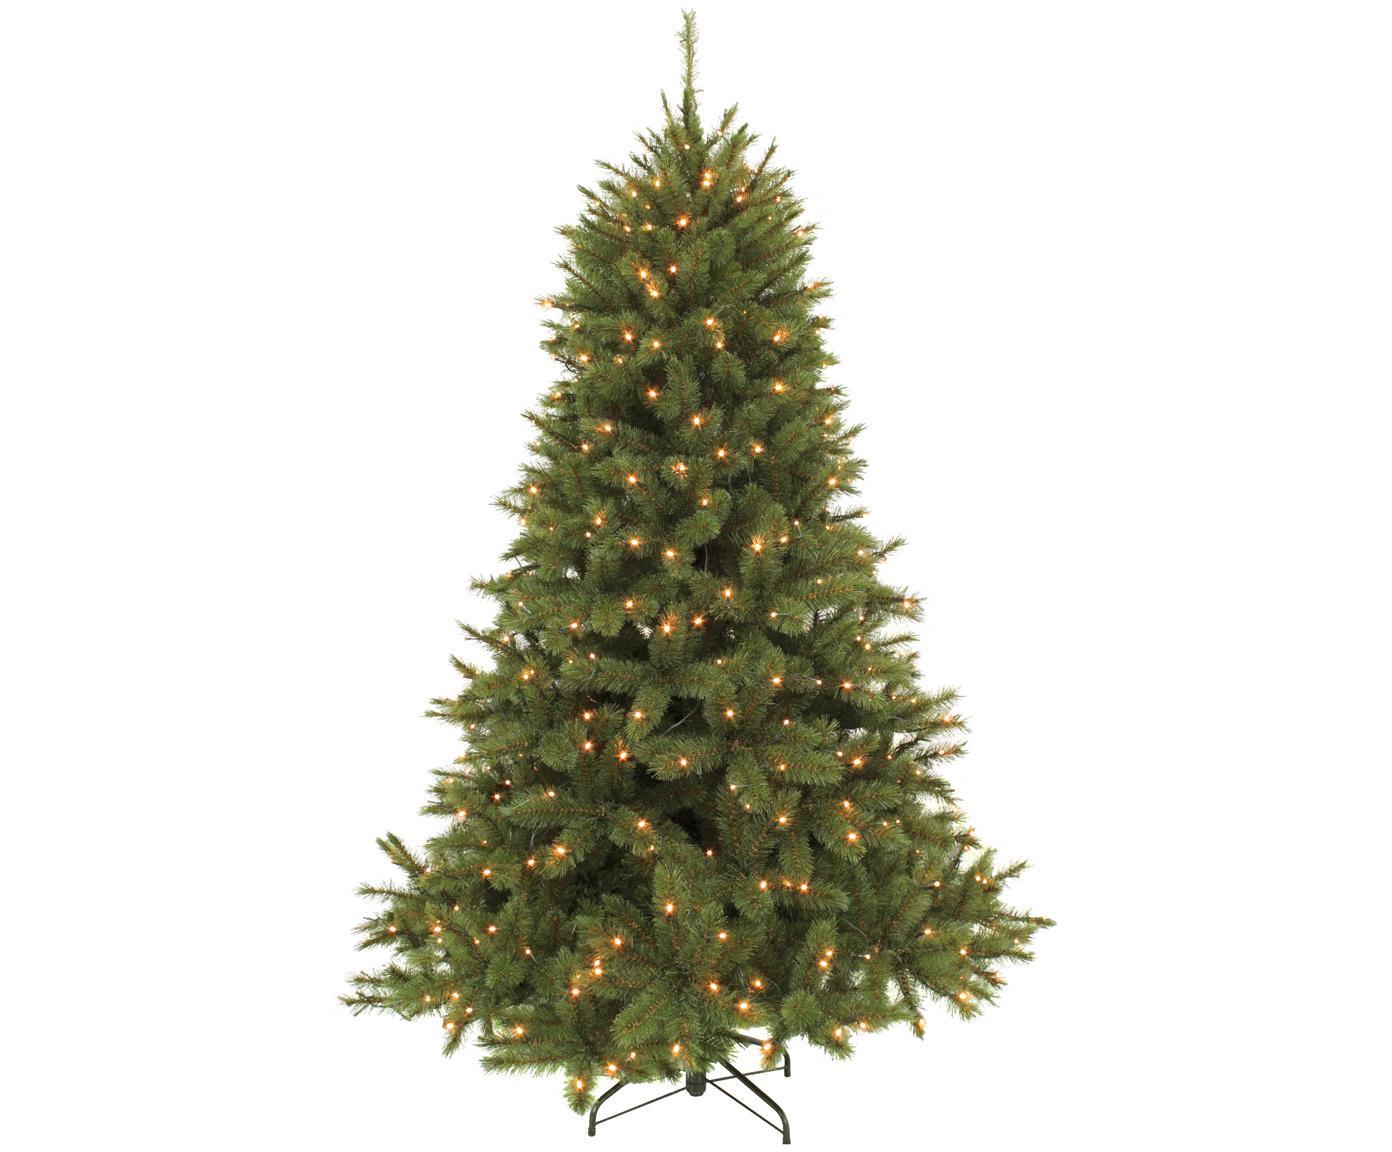 Künstlicher LED Weihnachtsbaum Forest, Dunkelgrün, Ø 140 x H 215 cm